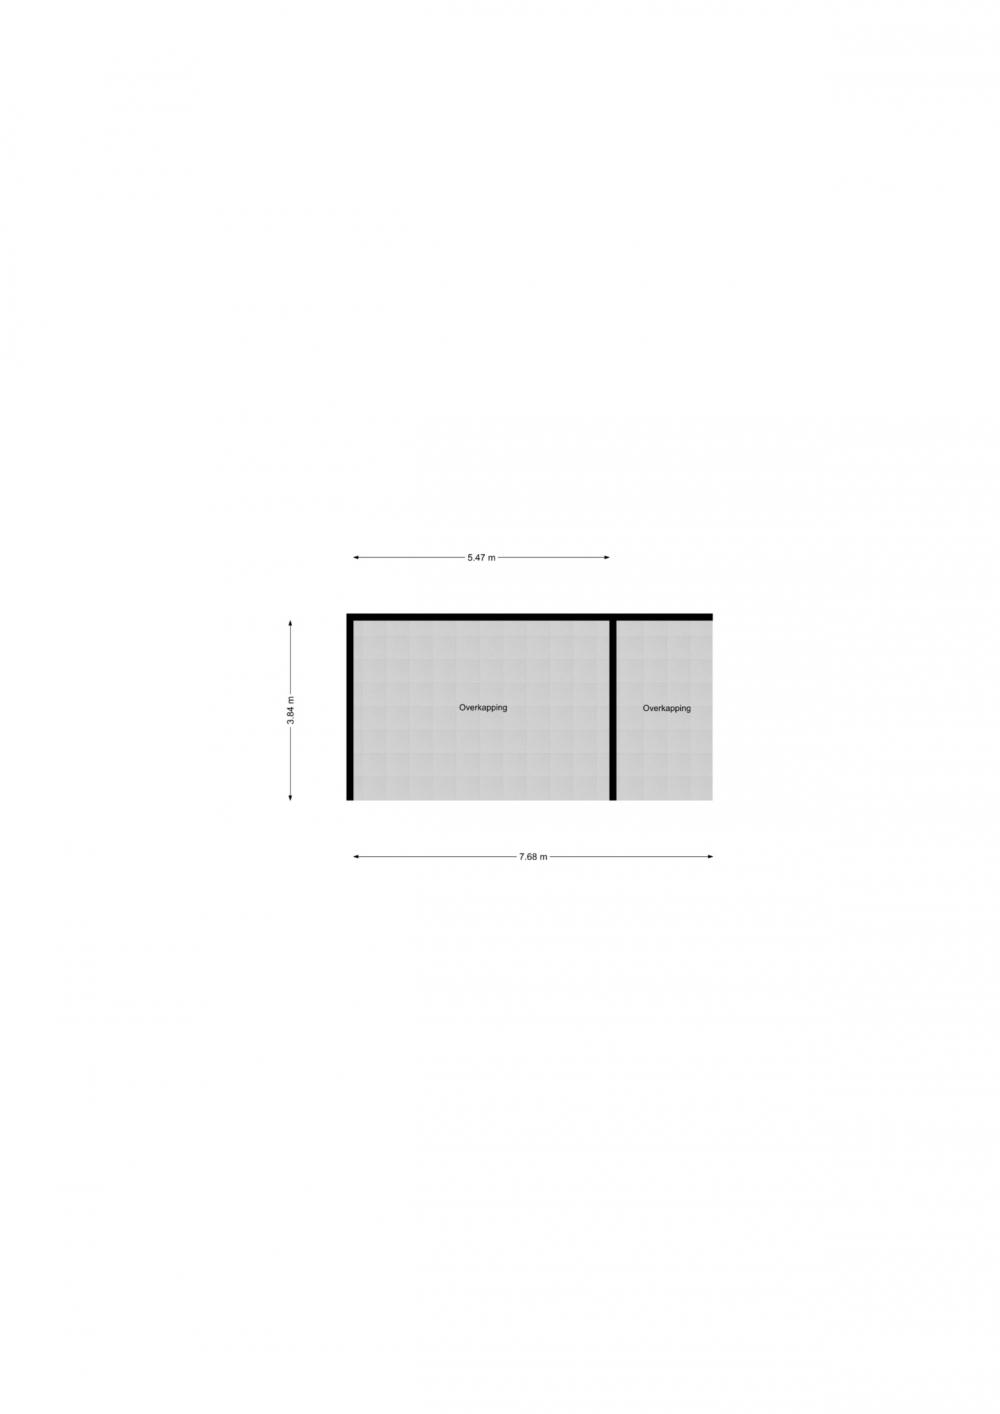 hengelo-gld-de-veldhoek-veldhoekseweg-20